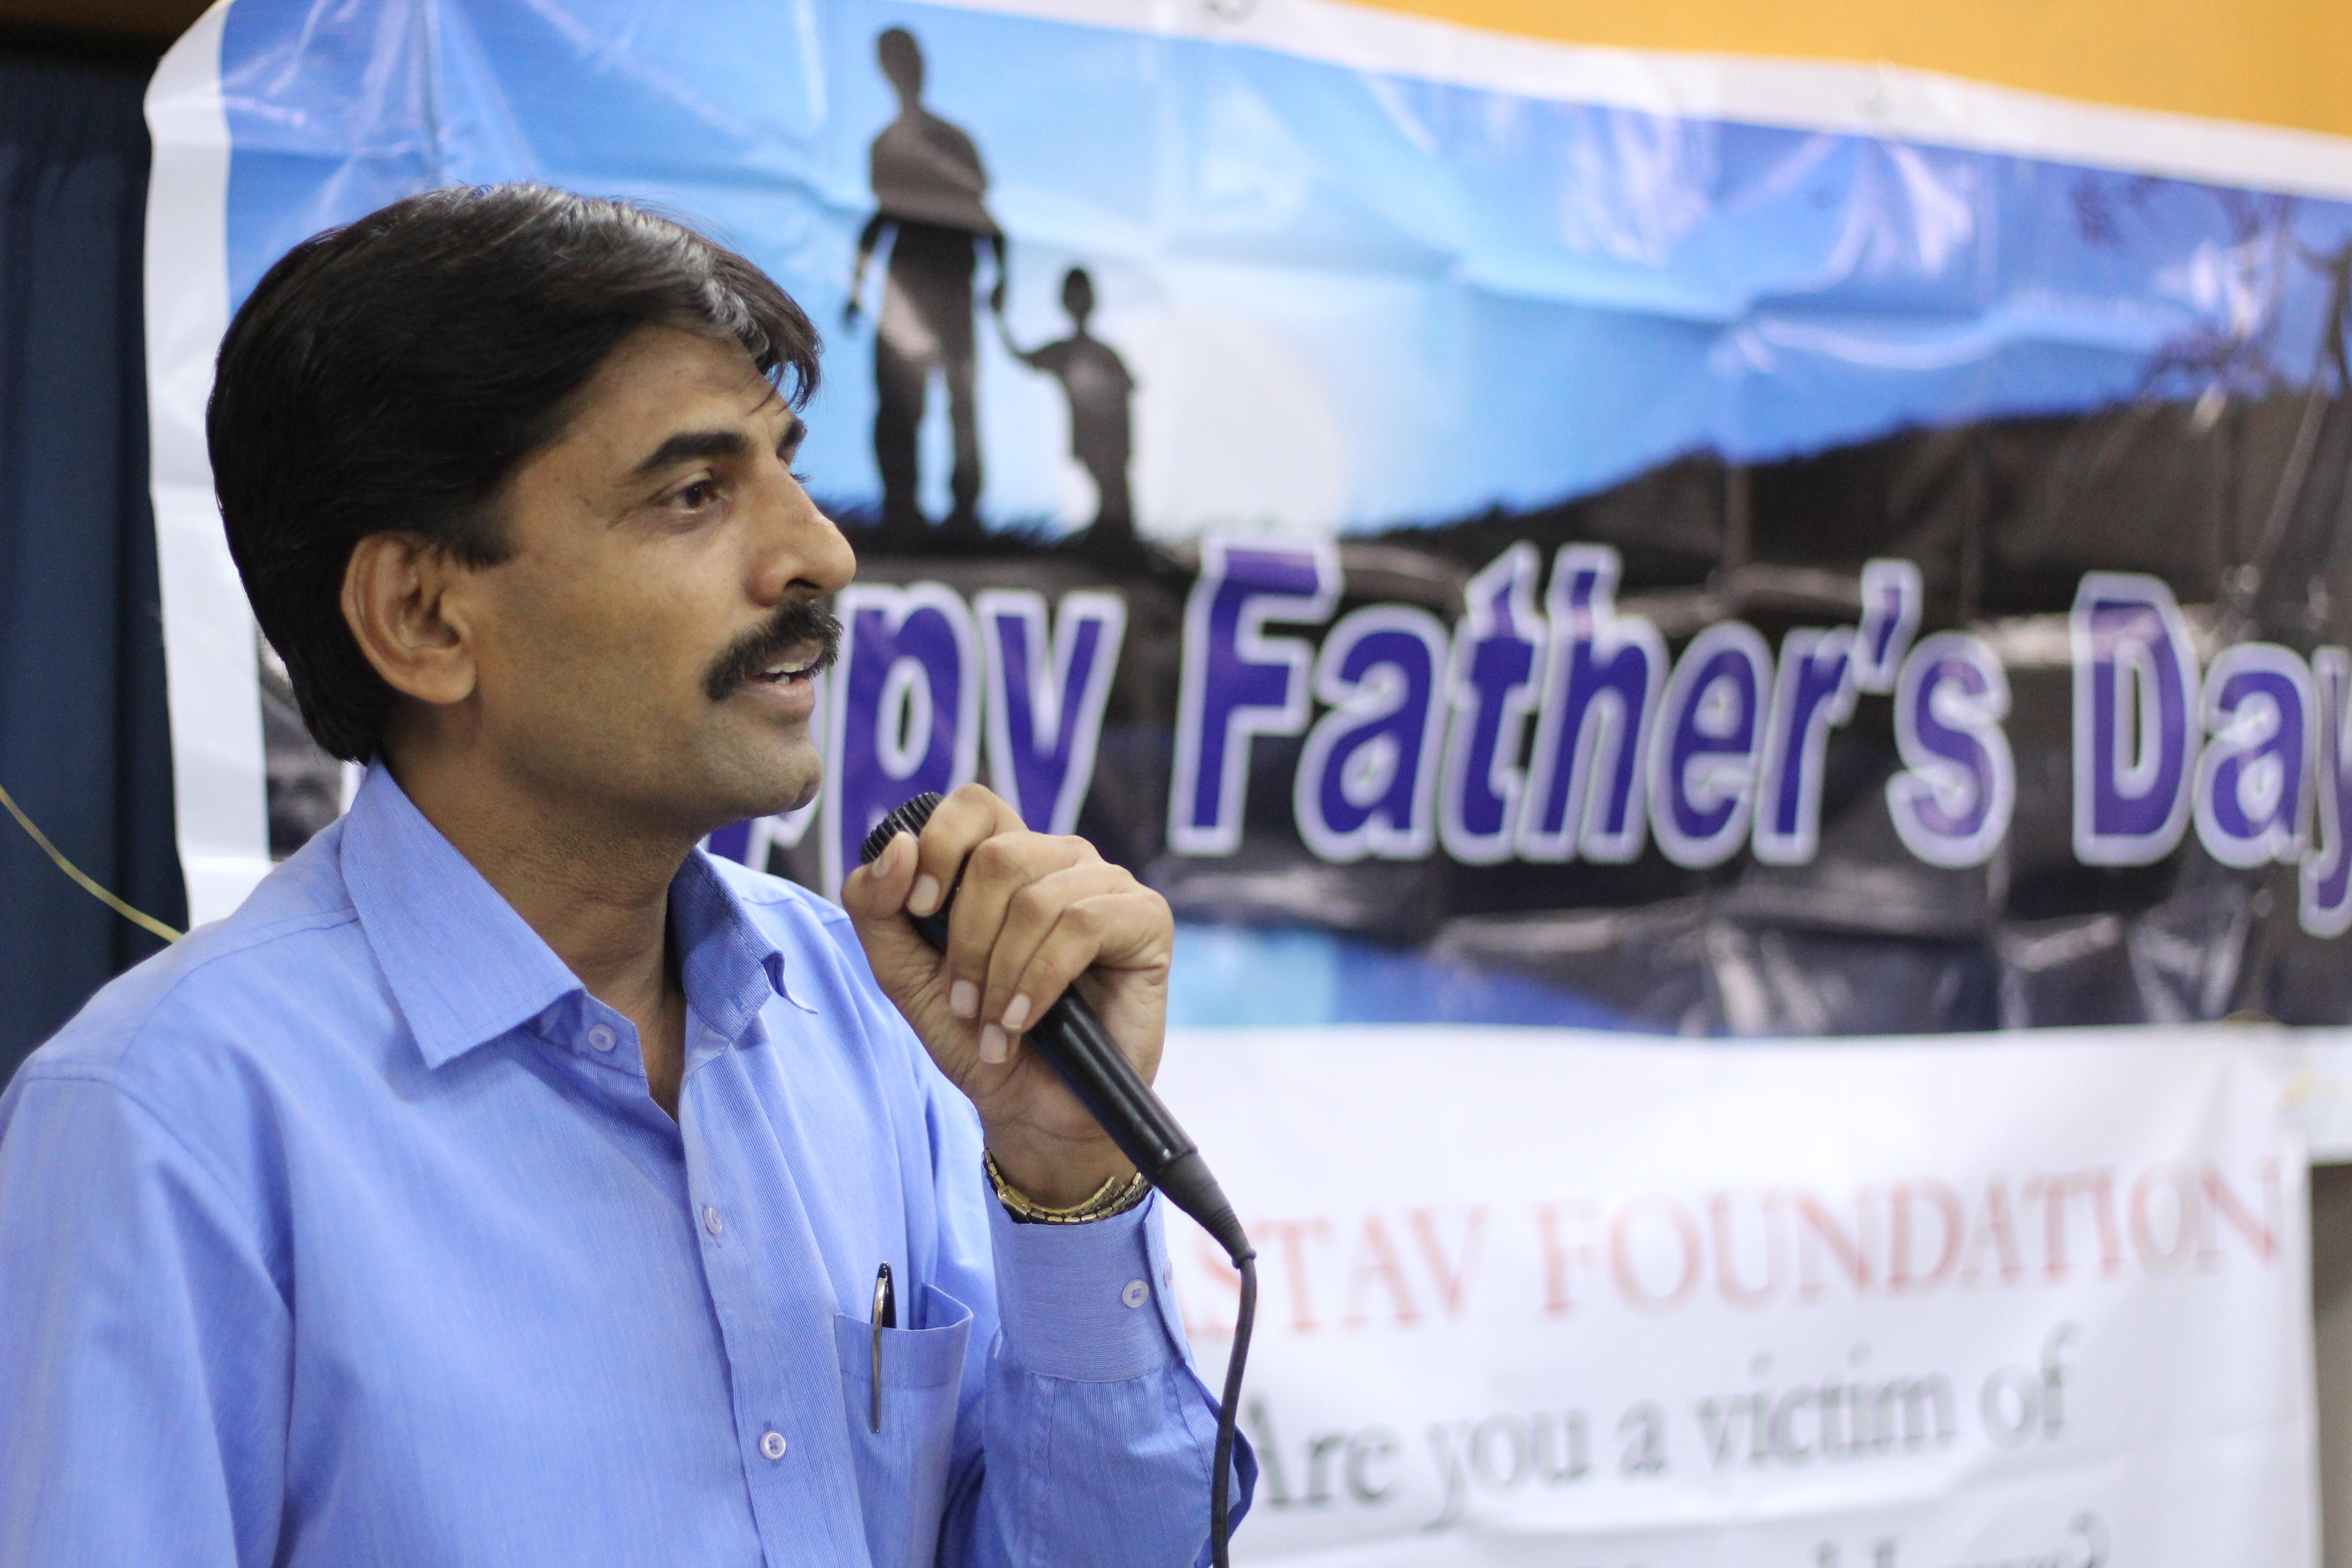 FathersDay2015 by GSat 225